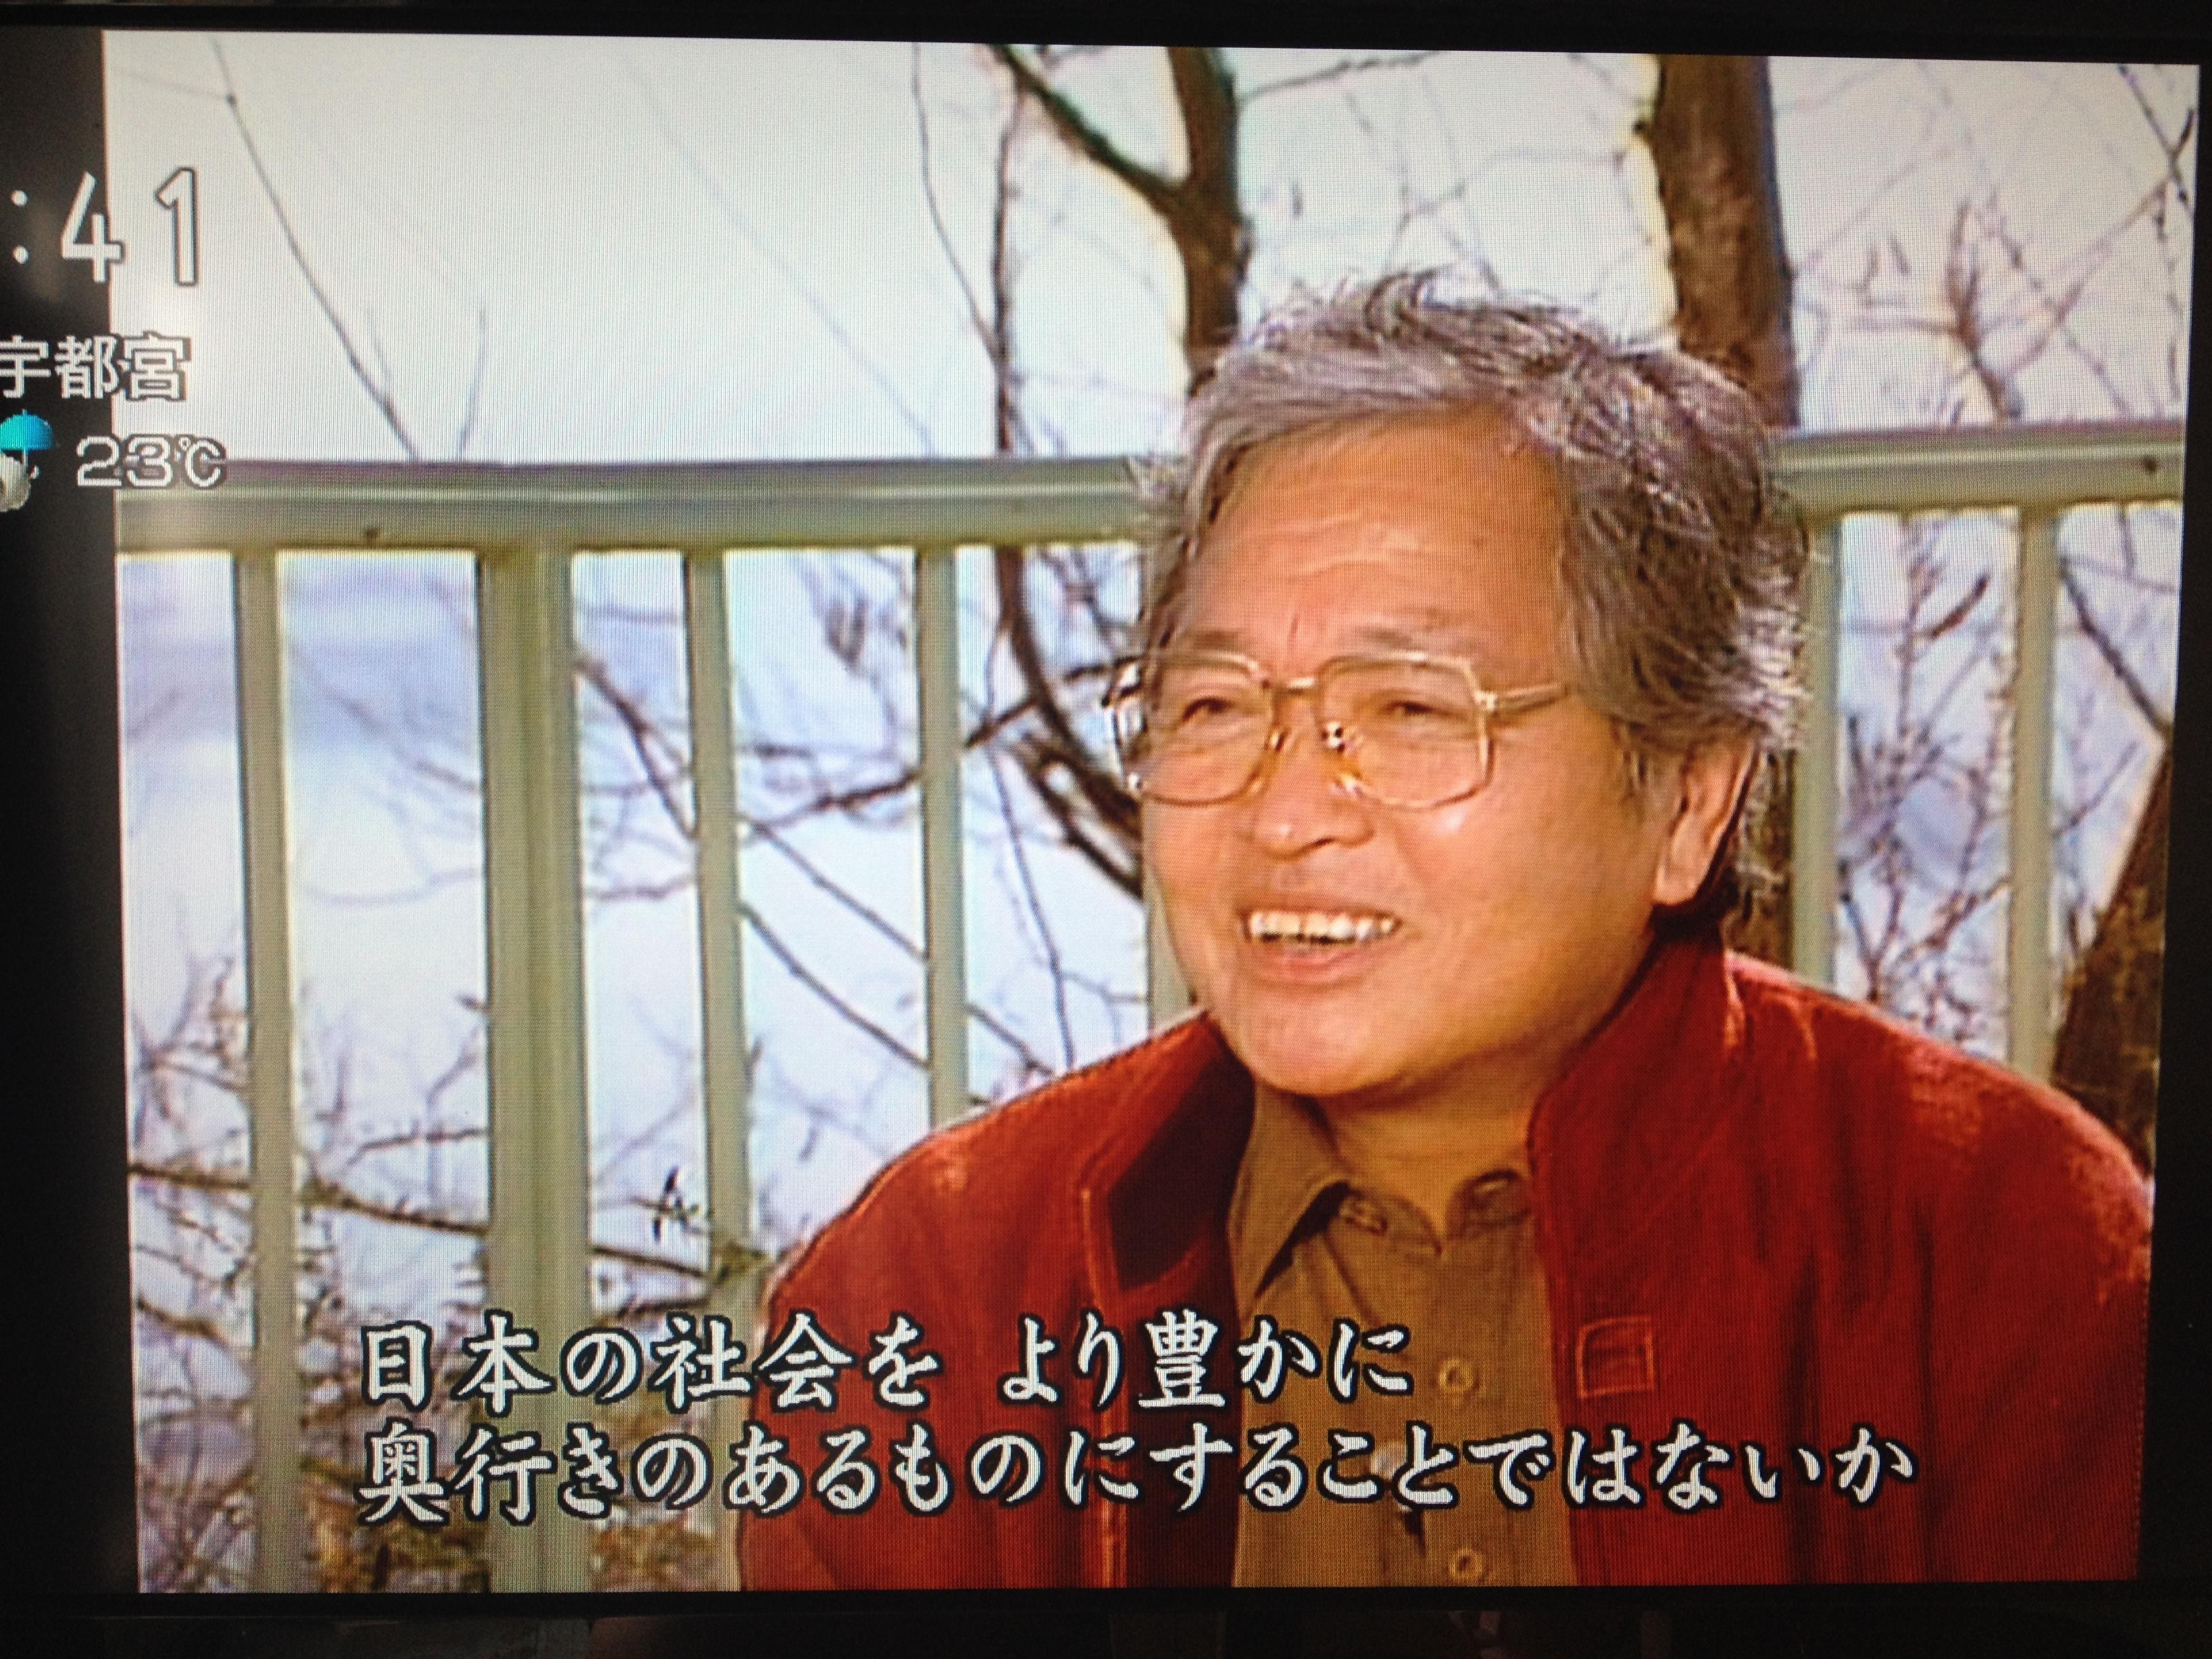 http://osakamonaurail.com/nakata/2017/06/04/IMG_7655.JPG